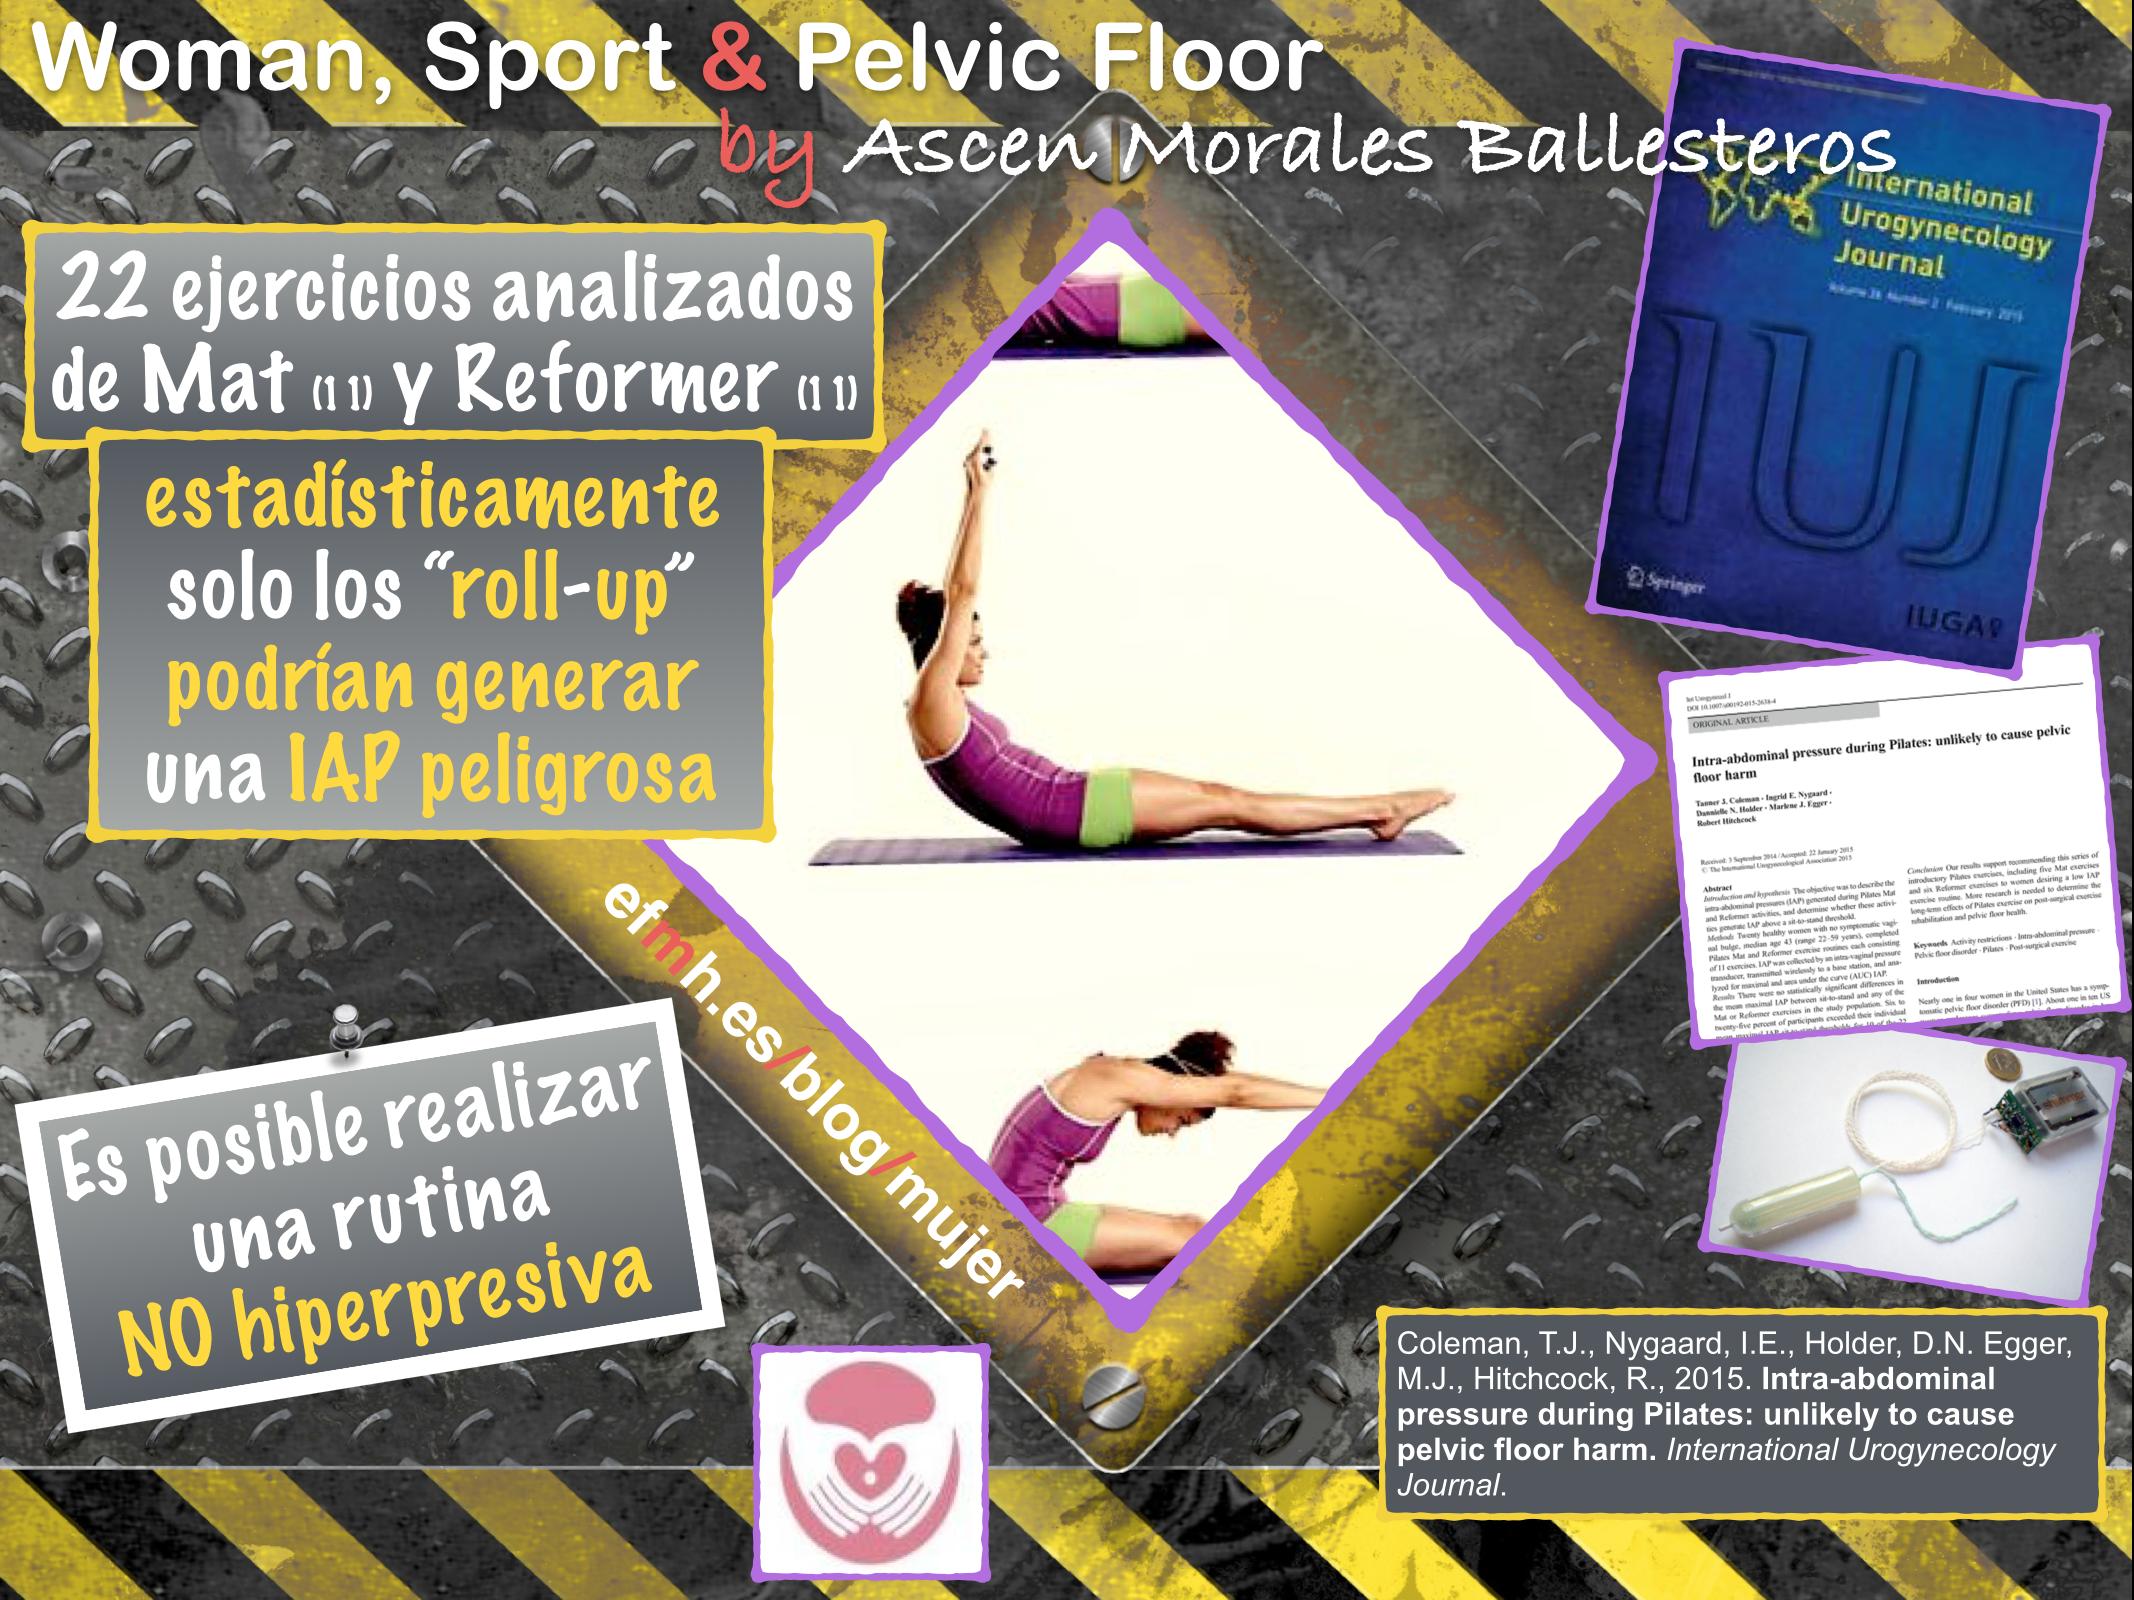 Pilates_suelo_pelvico